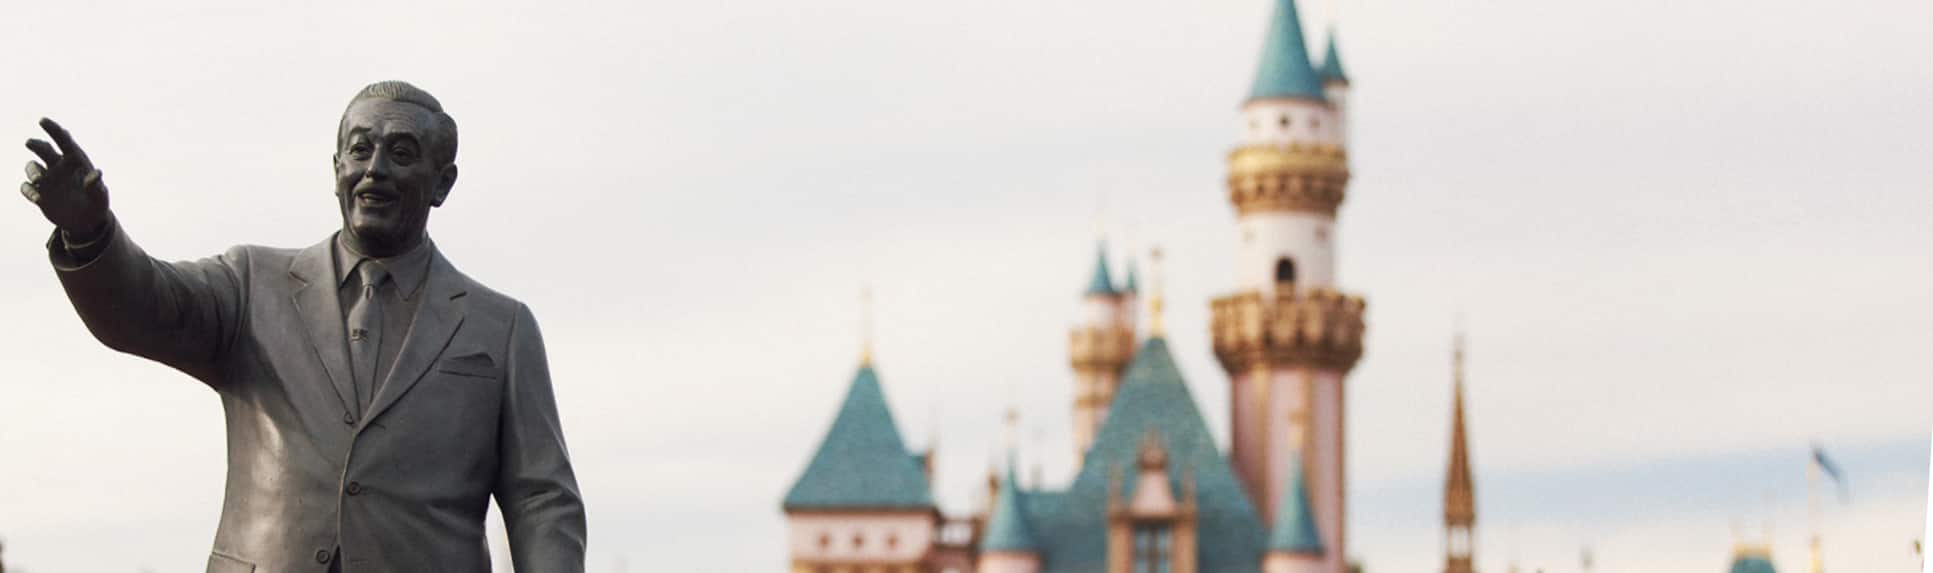 Statue of Walt Disney in front of Sleeping Beauty Castle